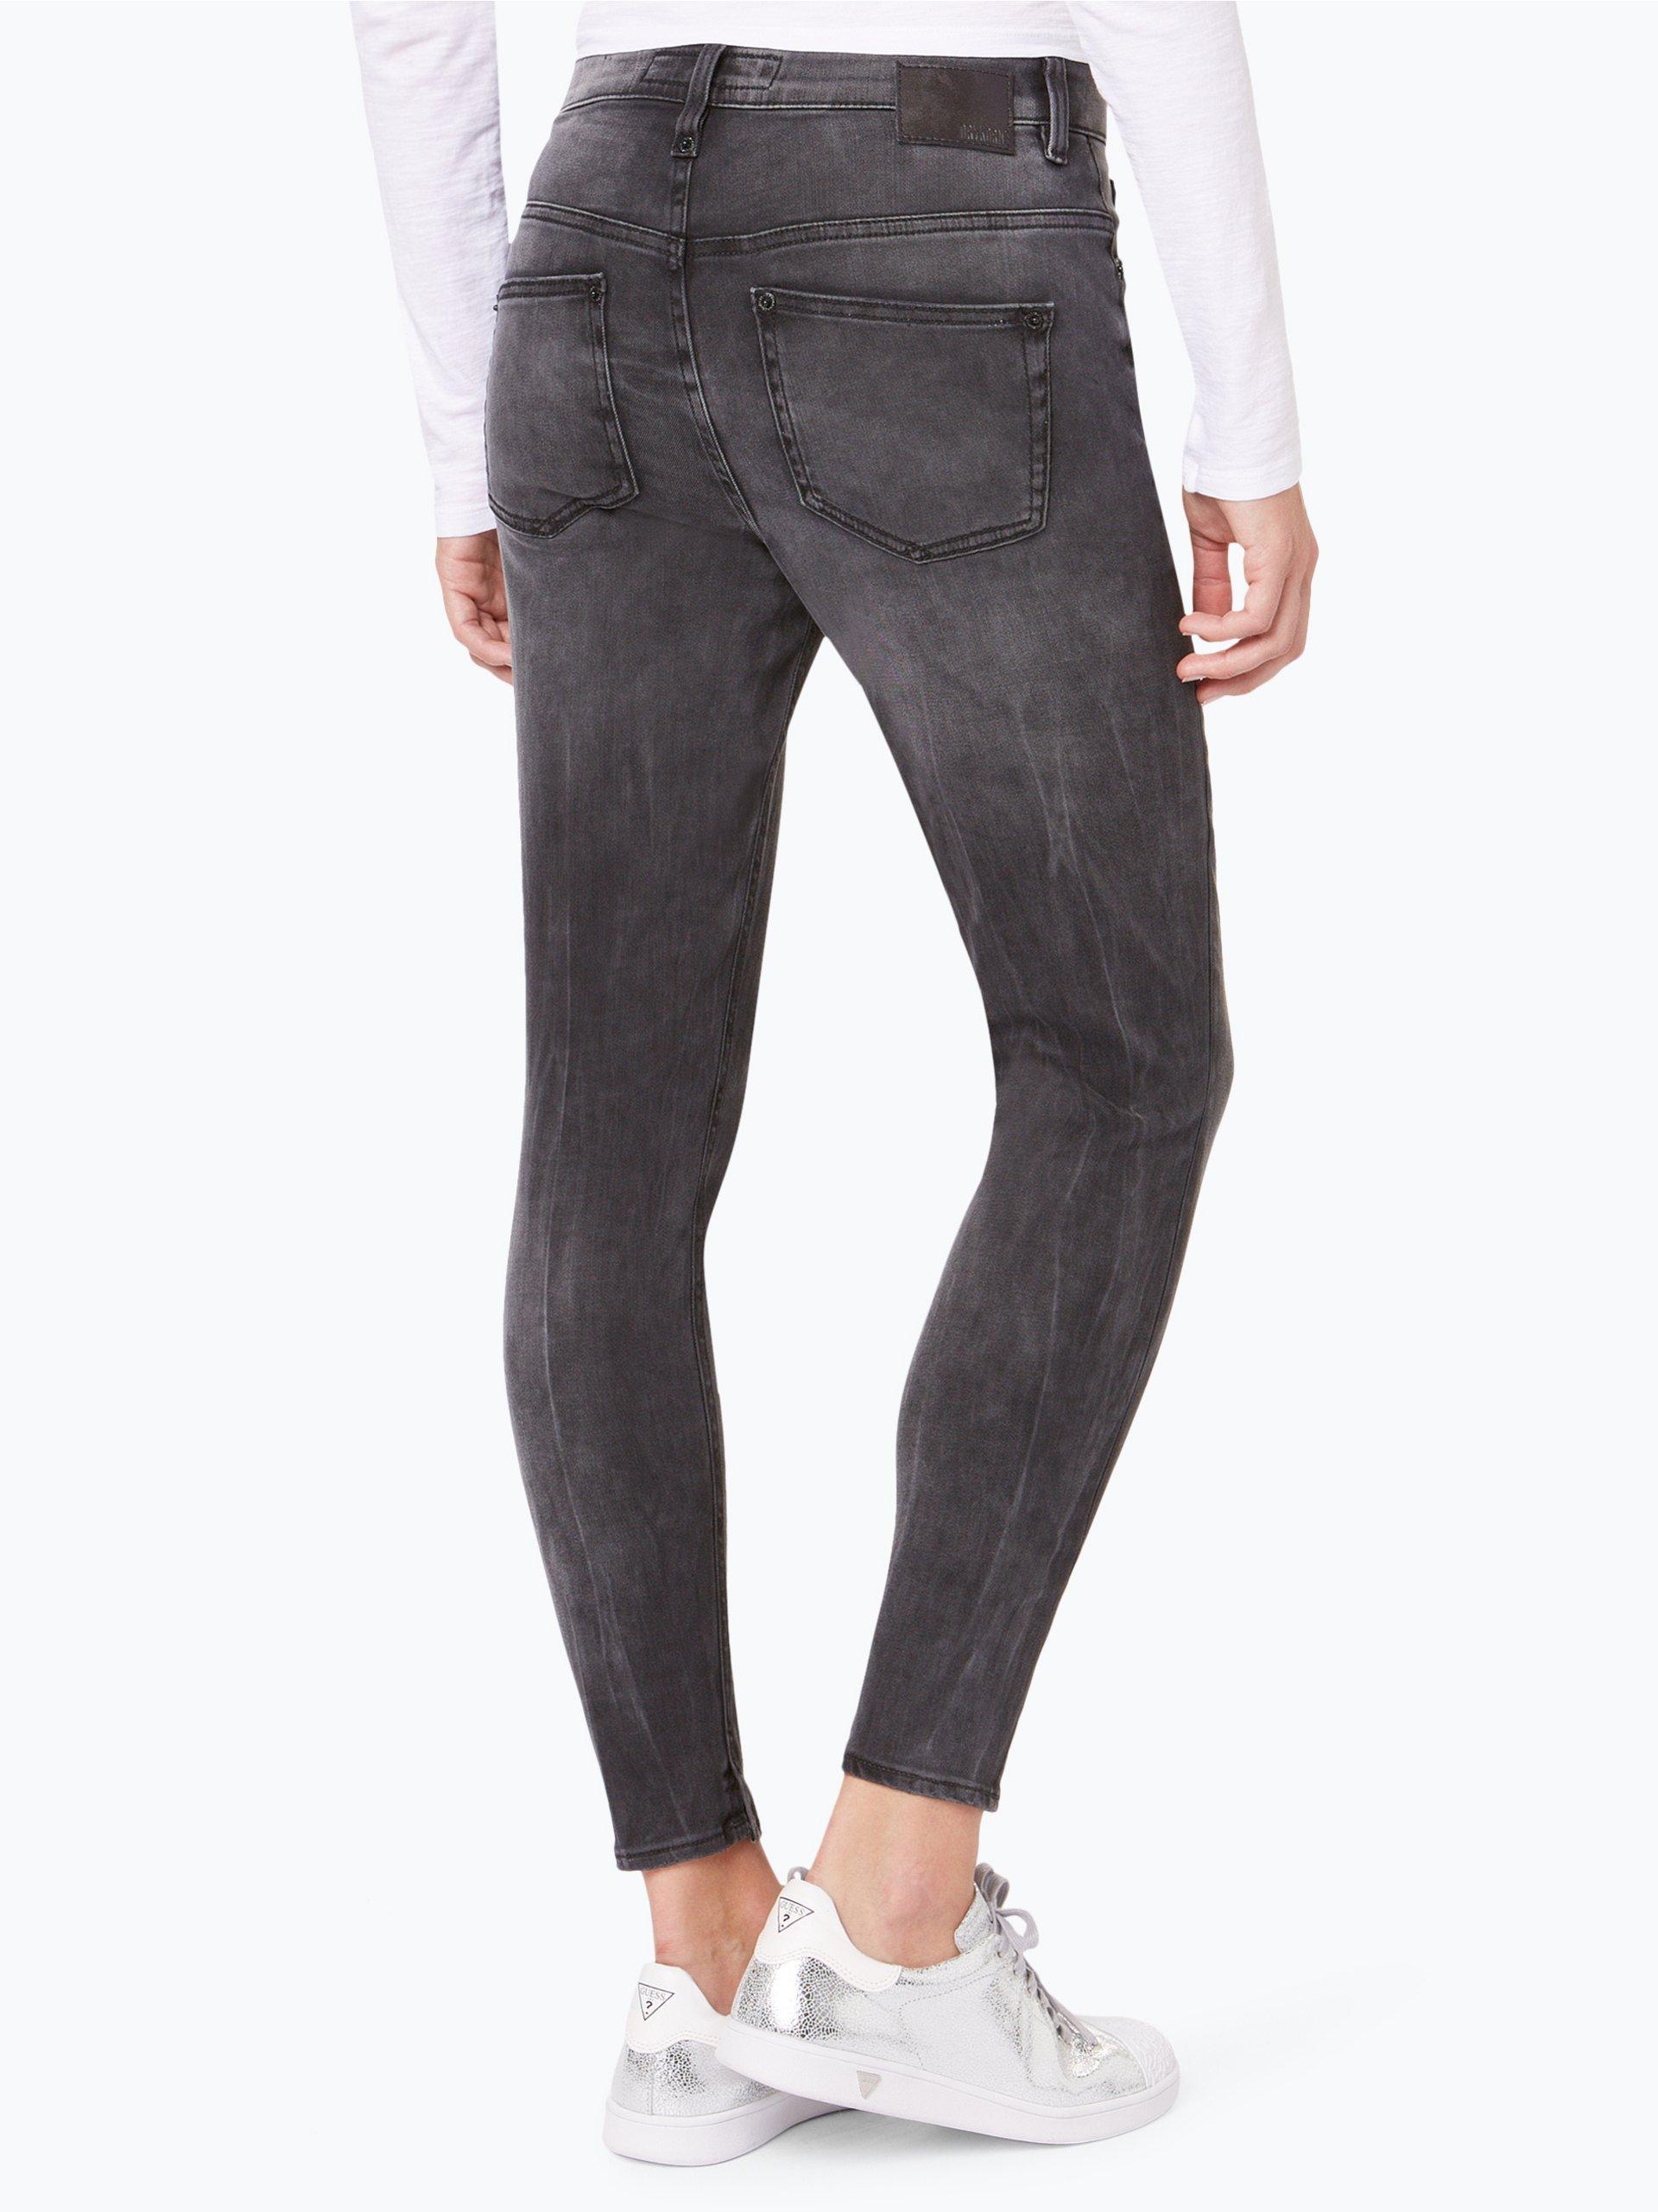 drykorn damen jeans remote anthrazit uni online kaufen vangraaf com. Black Bedroom Furniture Sets. Home Design Ideas